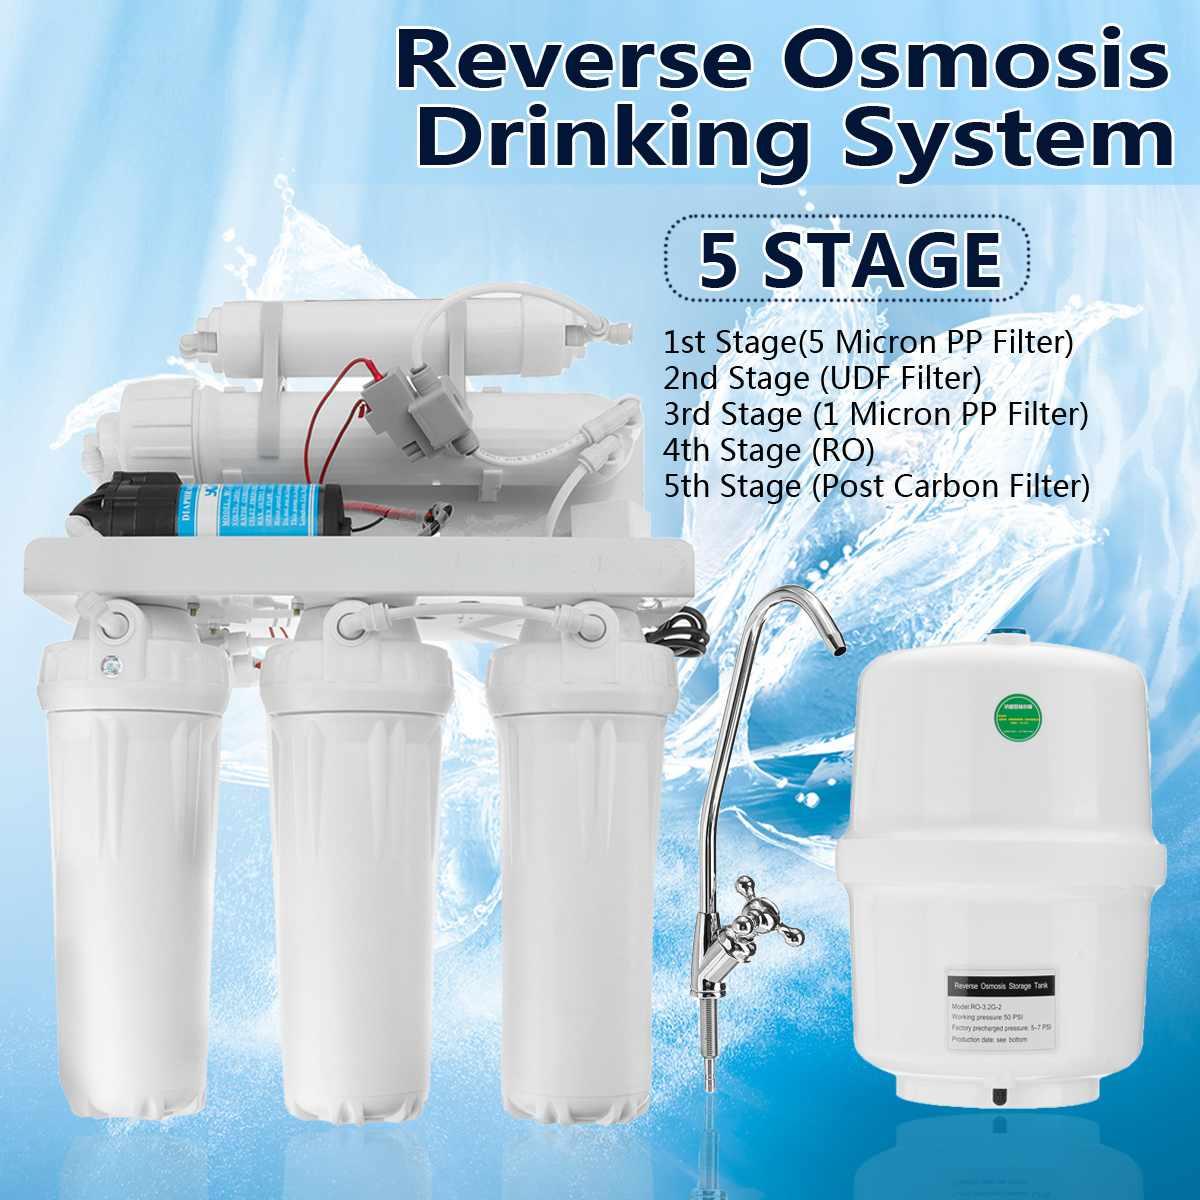 5 ro sistema de osmose reversa filtro de água potável purificador de cozinha filtros de água sistema de membrana filtragem com torneira